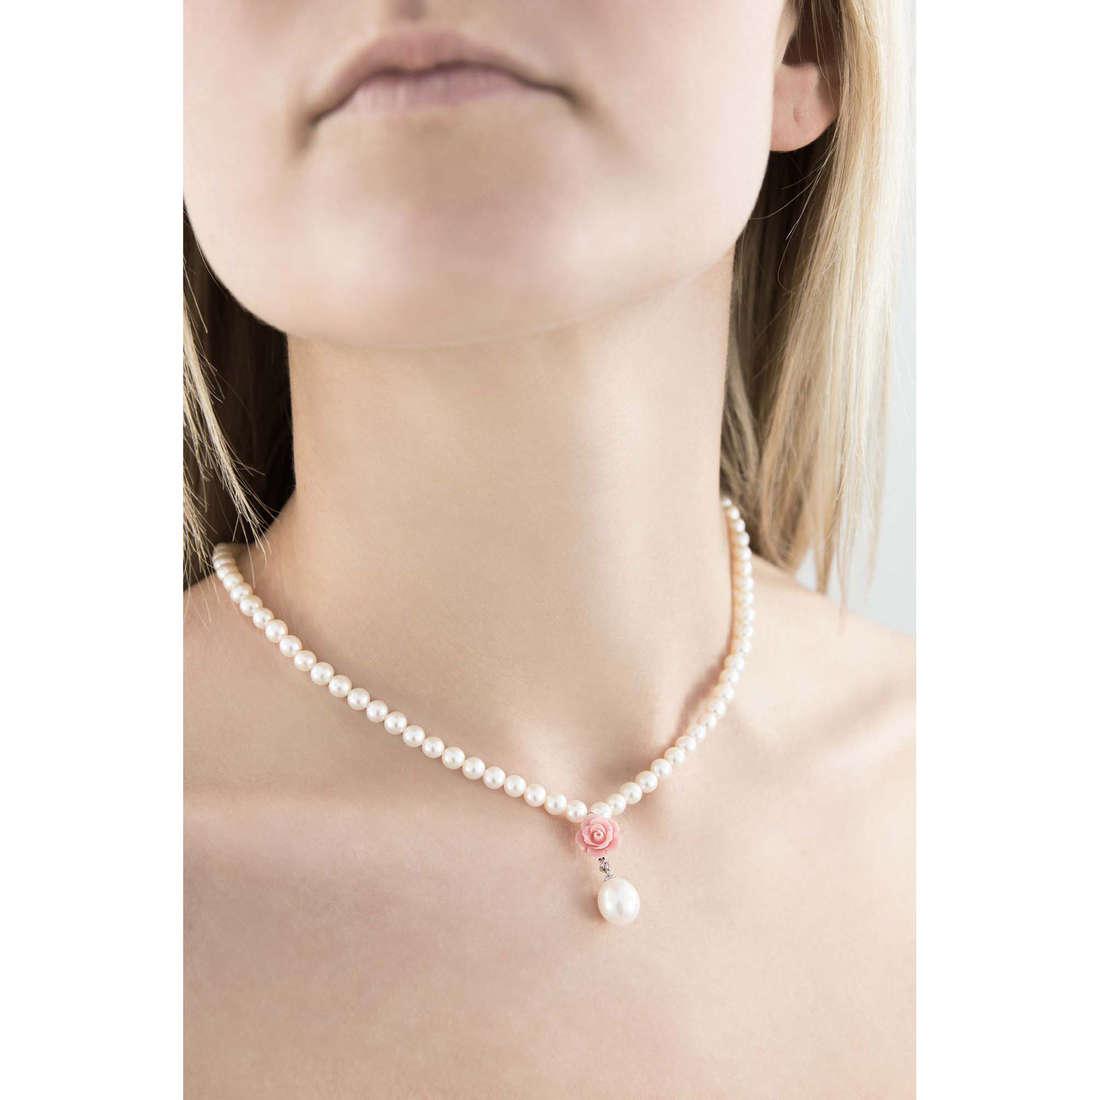 Comete colliers Romantica femme FWQ 164 photo wearing